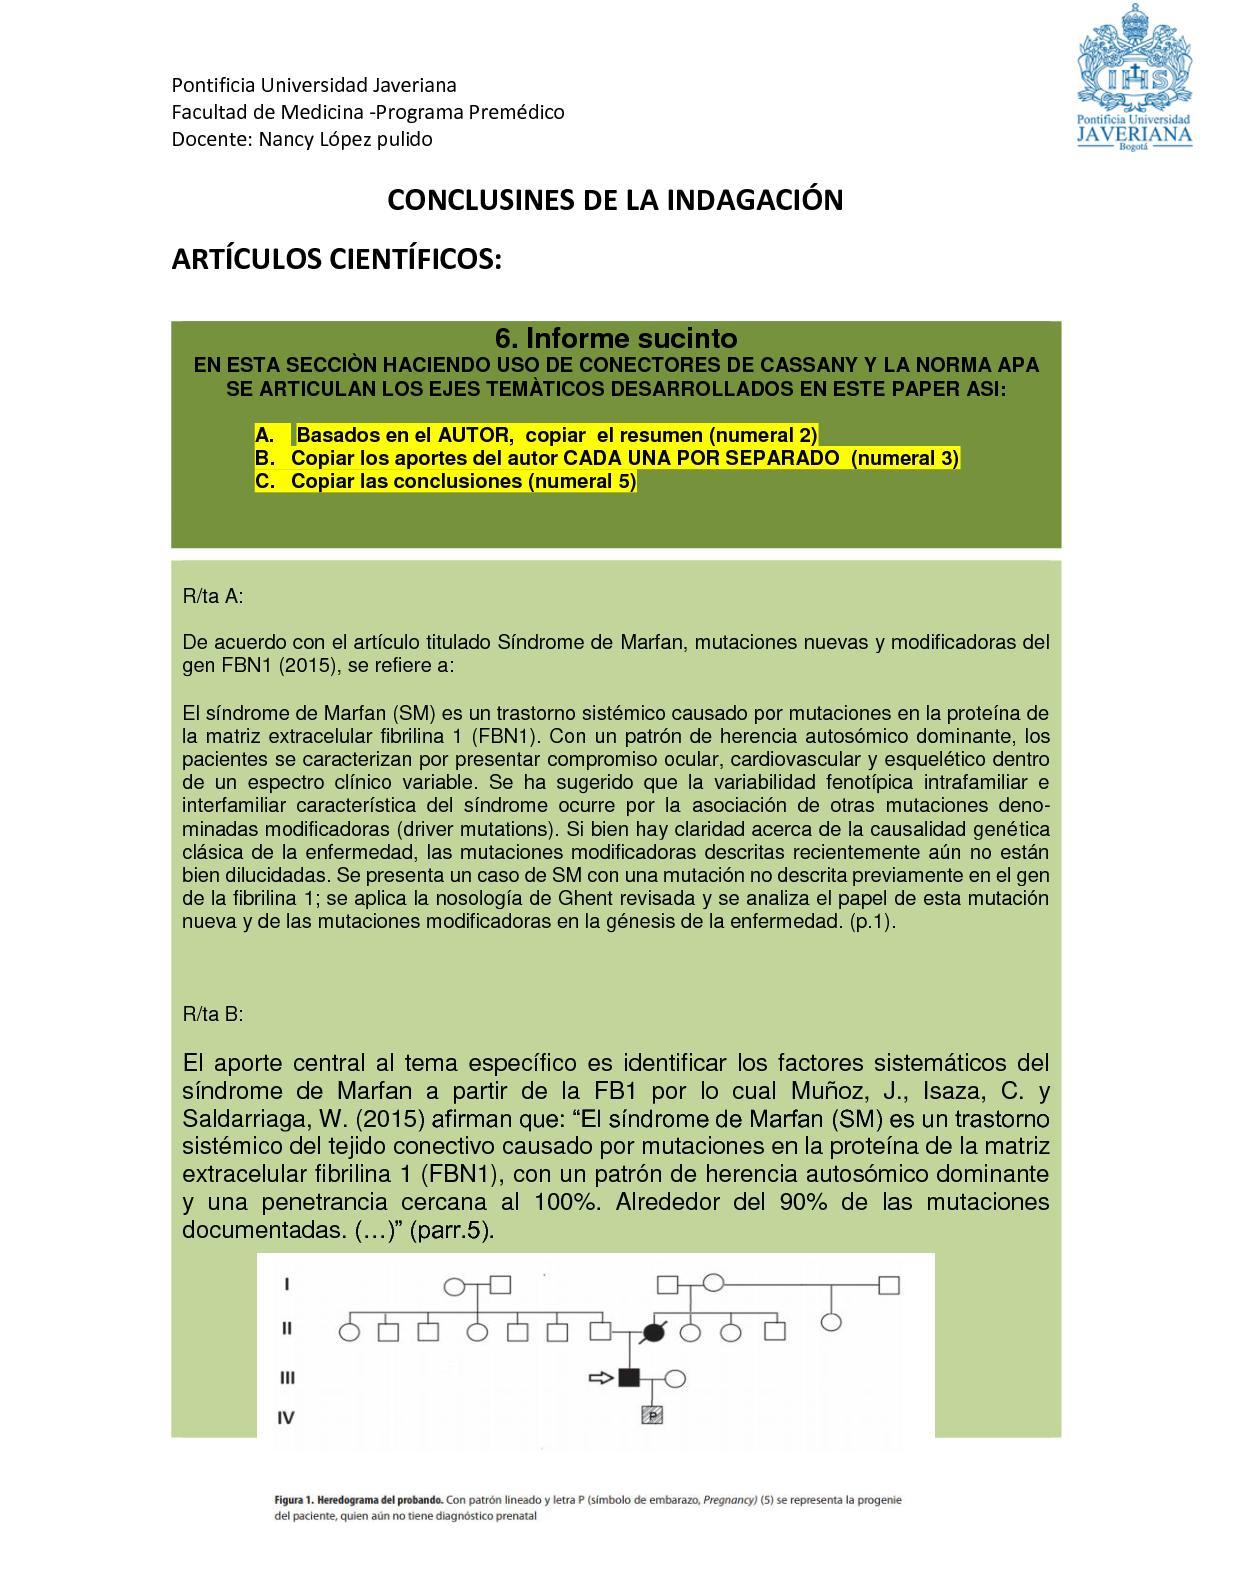 Calaméo - Conclusines De La Indagación